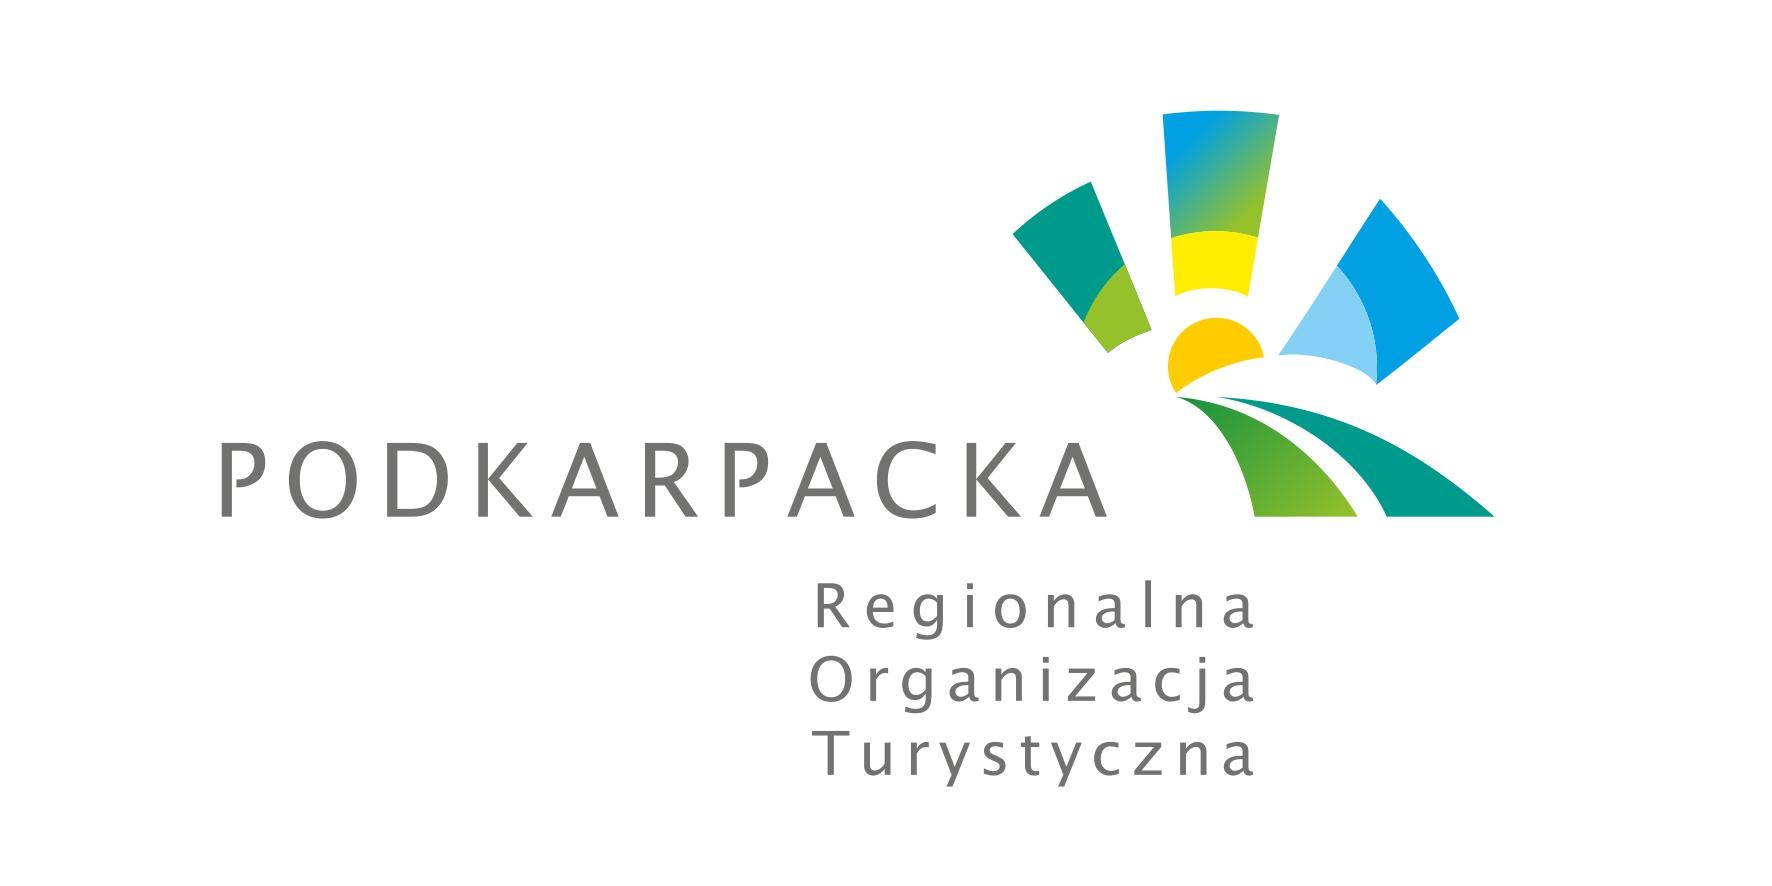 Podkarpacka Regionalna Organizacja Turystyczna